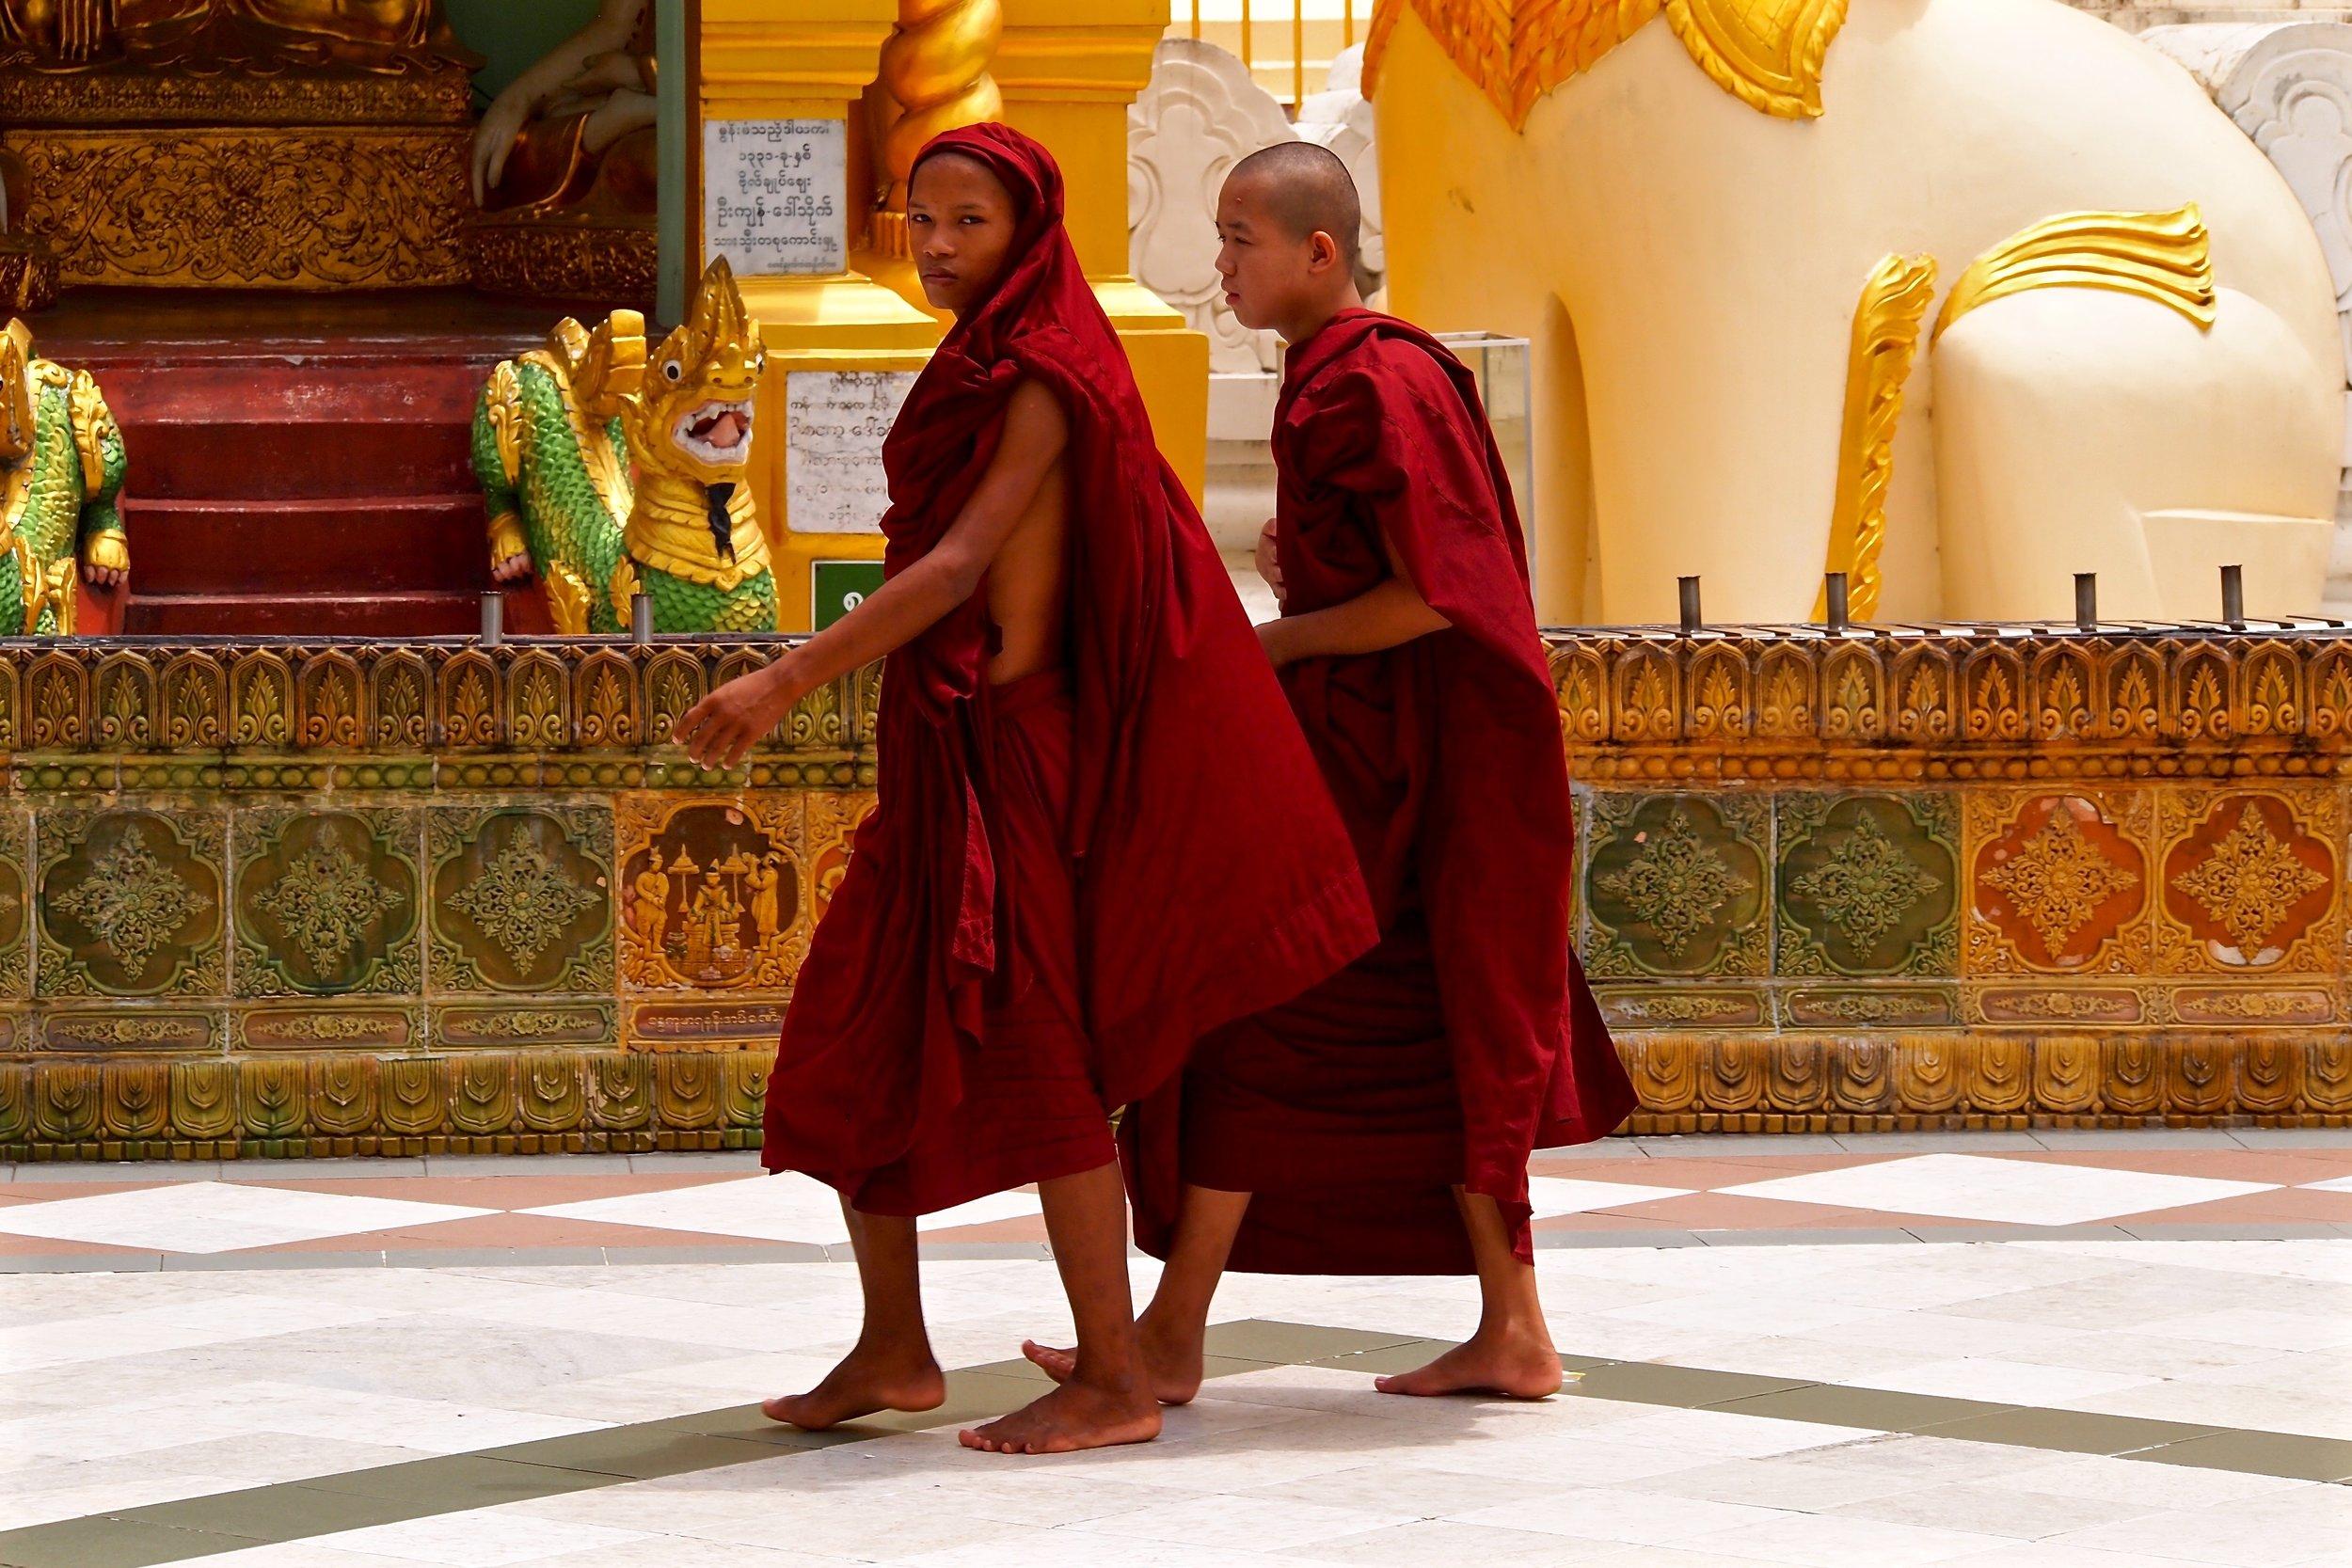 Shwedagon Pagoda, Yangon, Myanmar. (C) Remko Tanis